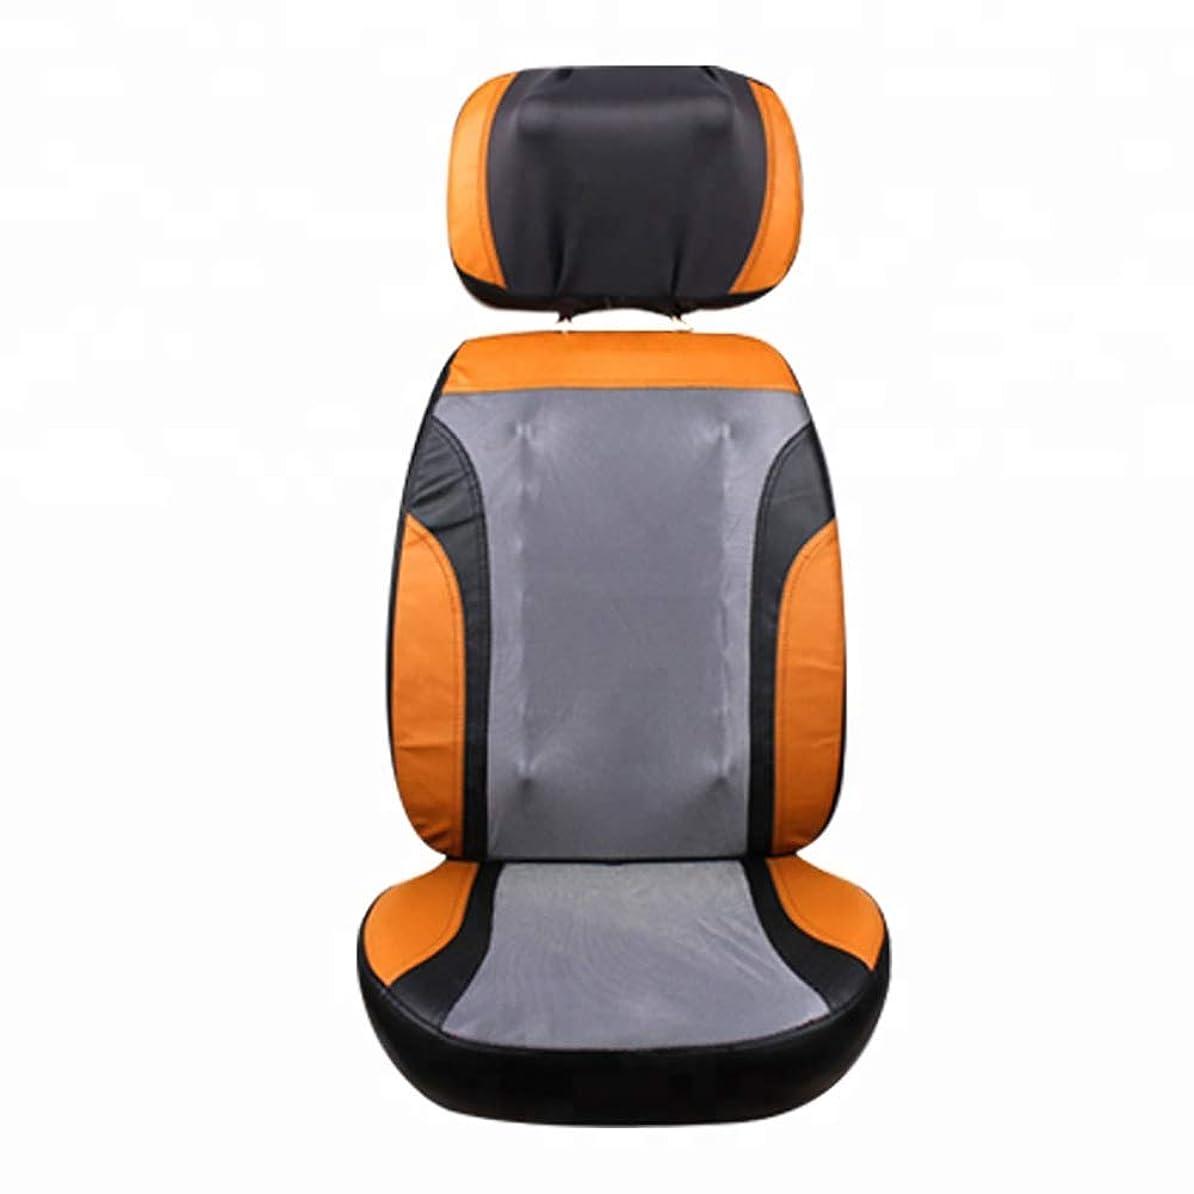 ちょうつがい教養がある分布マッサージシート スムージングヒート機能と24マッサージヘッドローリングマッサージチェアパッドの自宅用車の使用